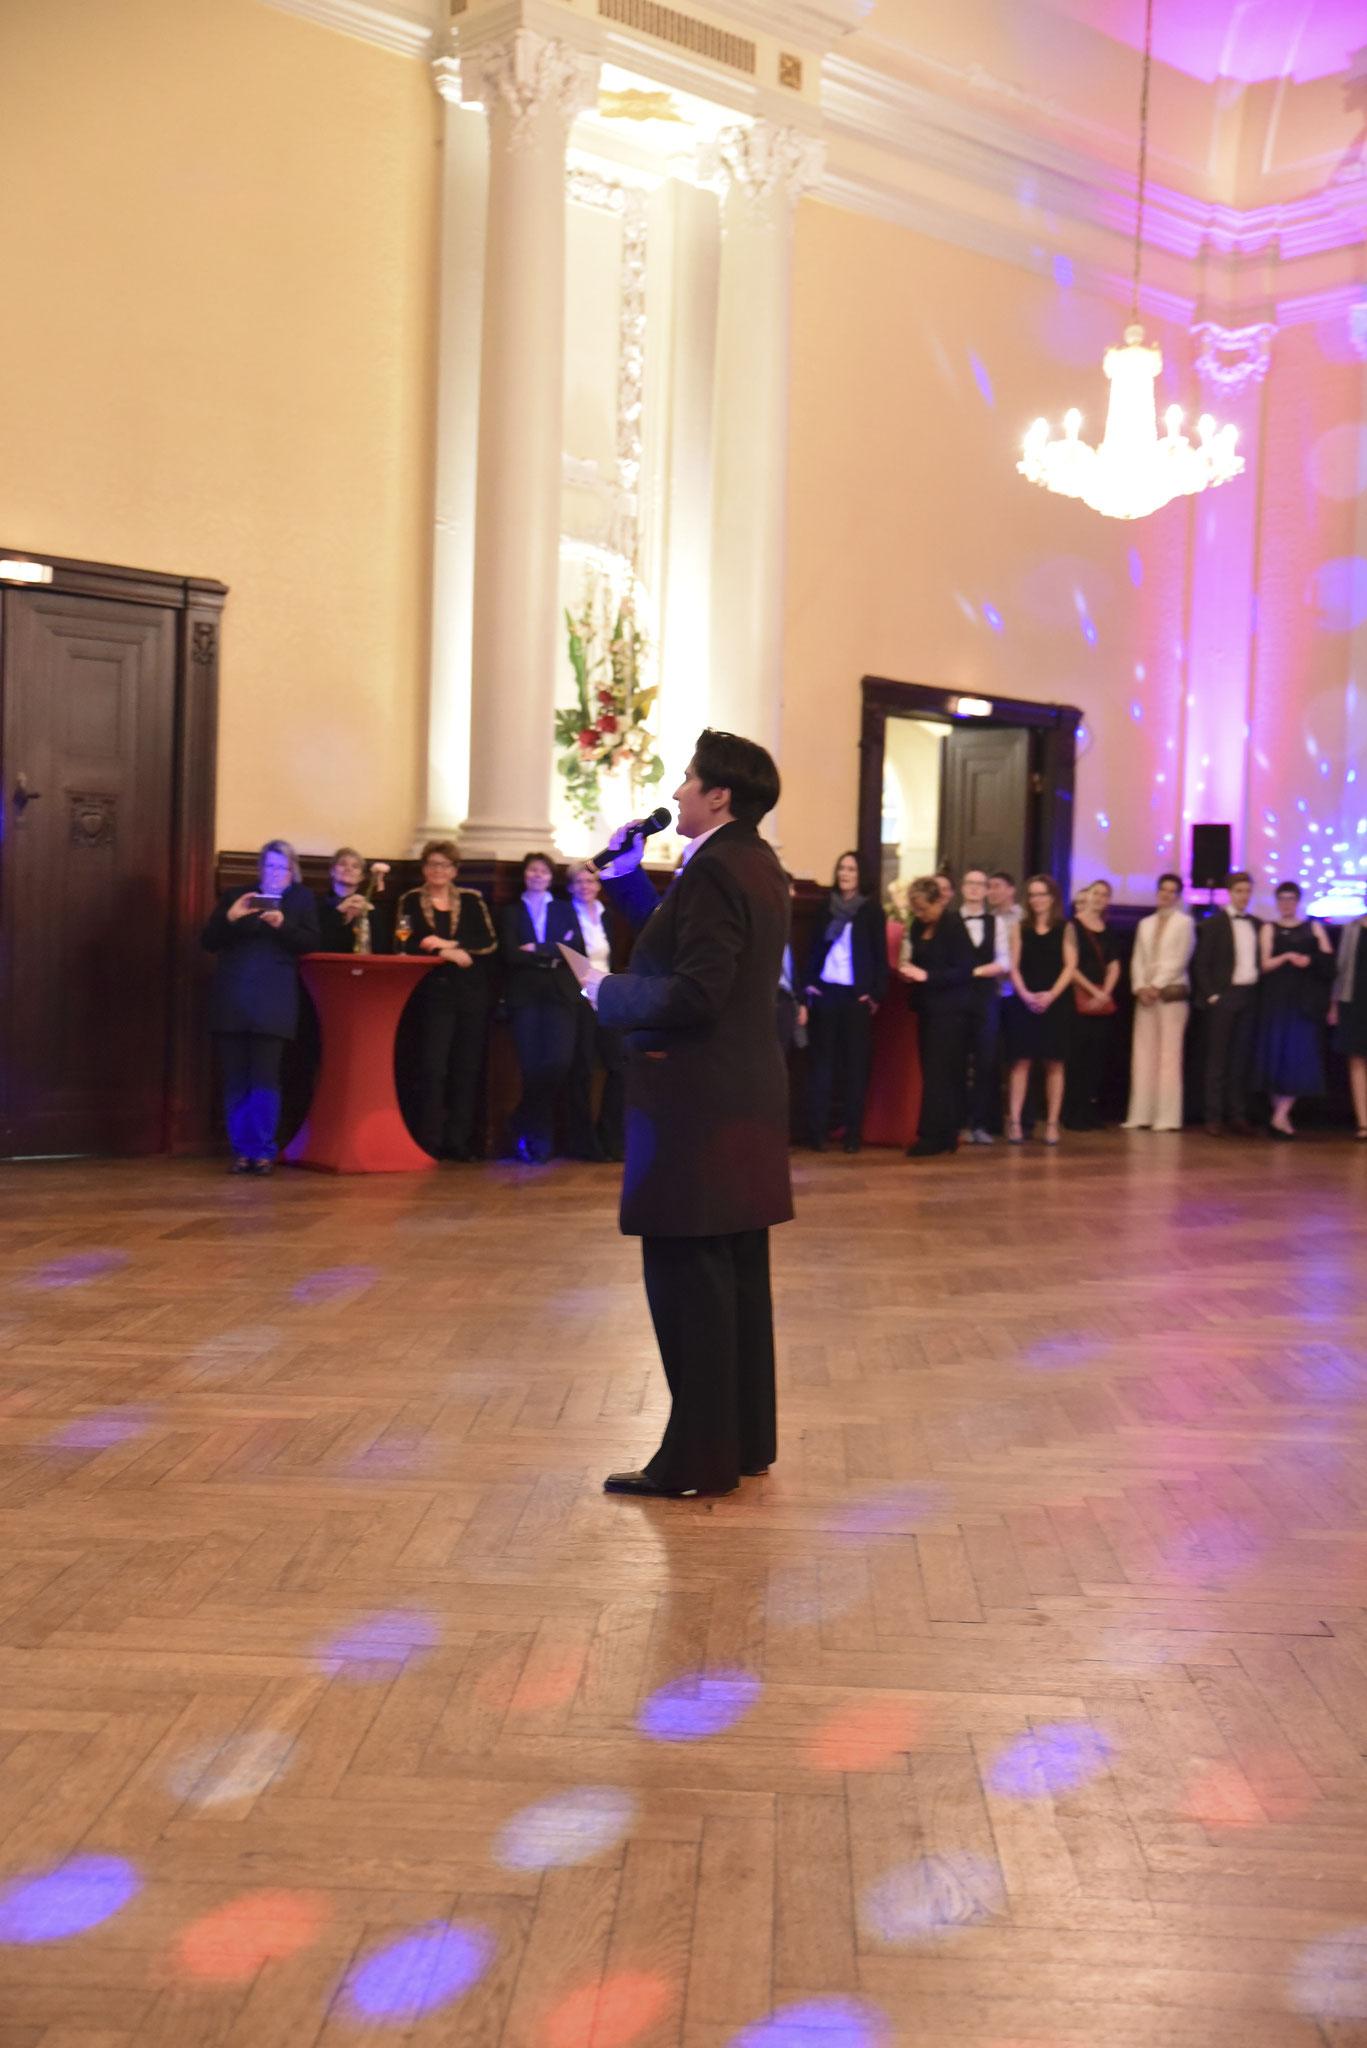 Denise Lau eröffnet ebenfalls die Ballnacht mit einem Walzer  (pic by Karla Pixeljäger)